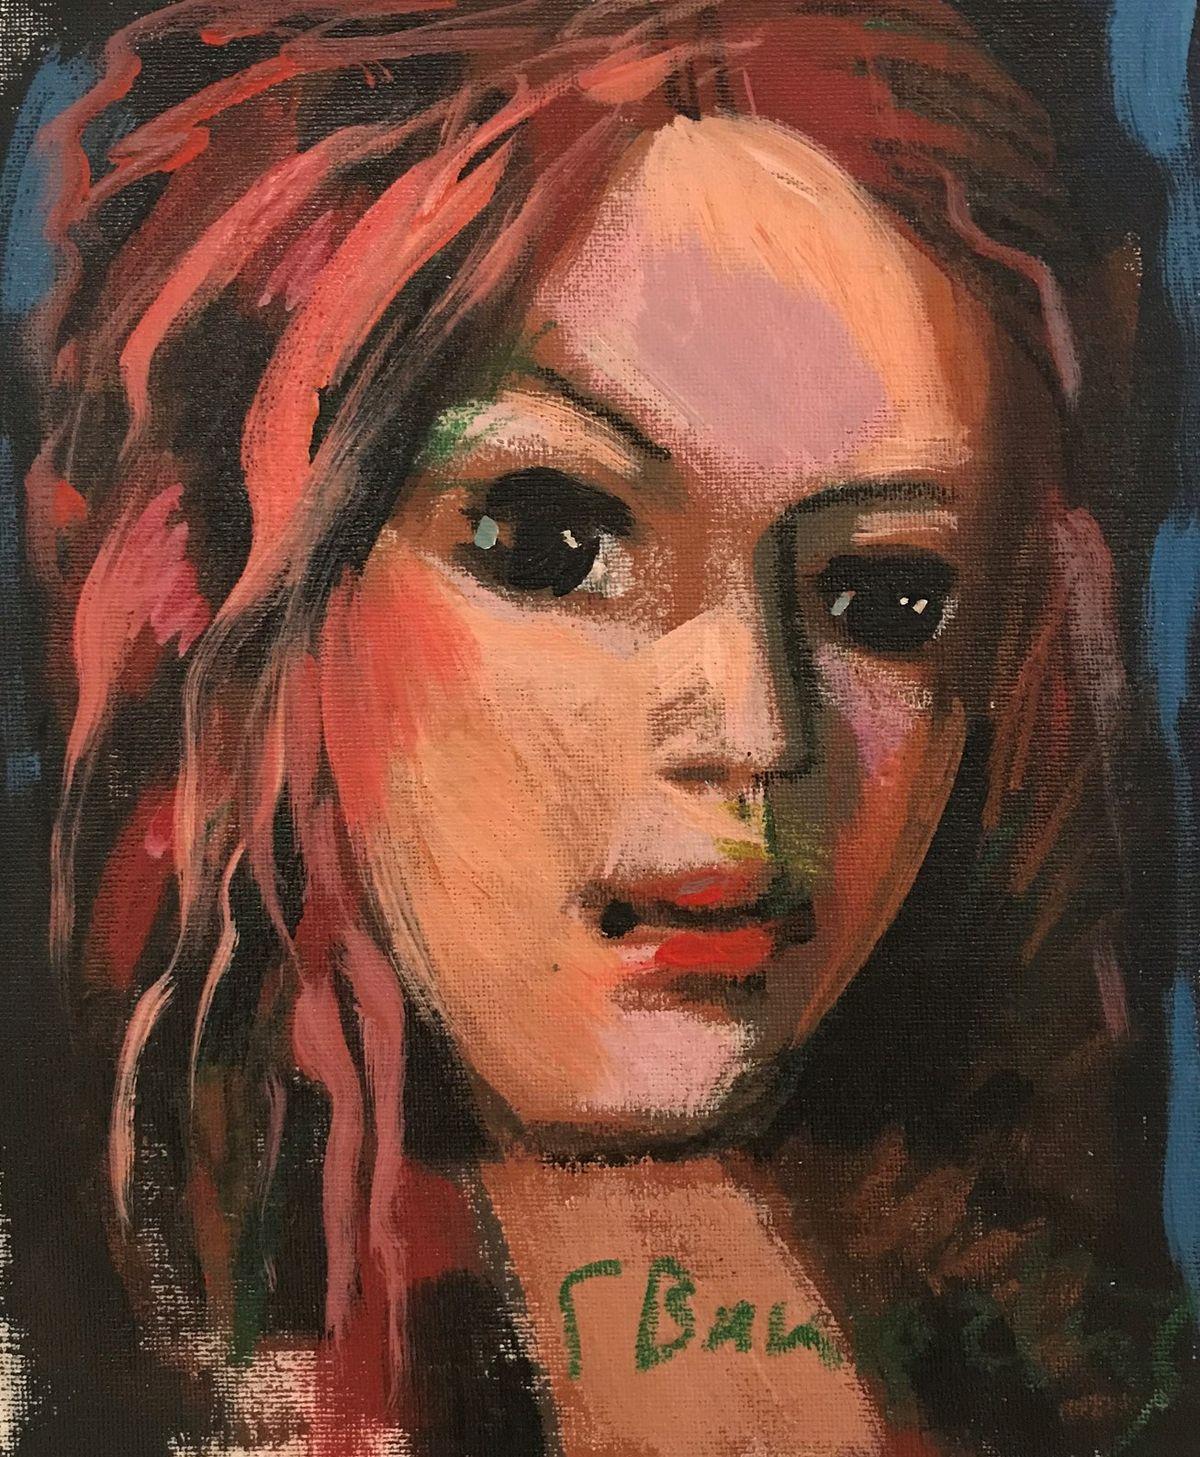 Γιάννης Βακιρτζής 21×25 Ακρυλικά σε καμβά Yiannis Vakirtzis 21×25 Acrylics on canvas.jpg